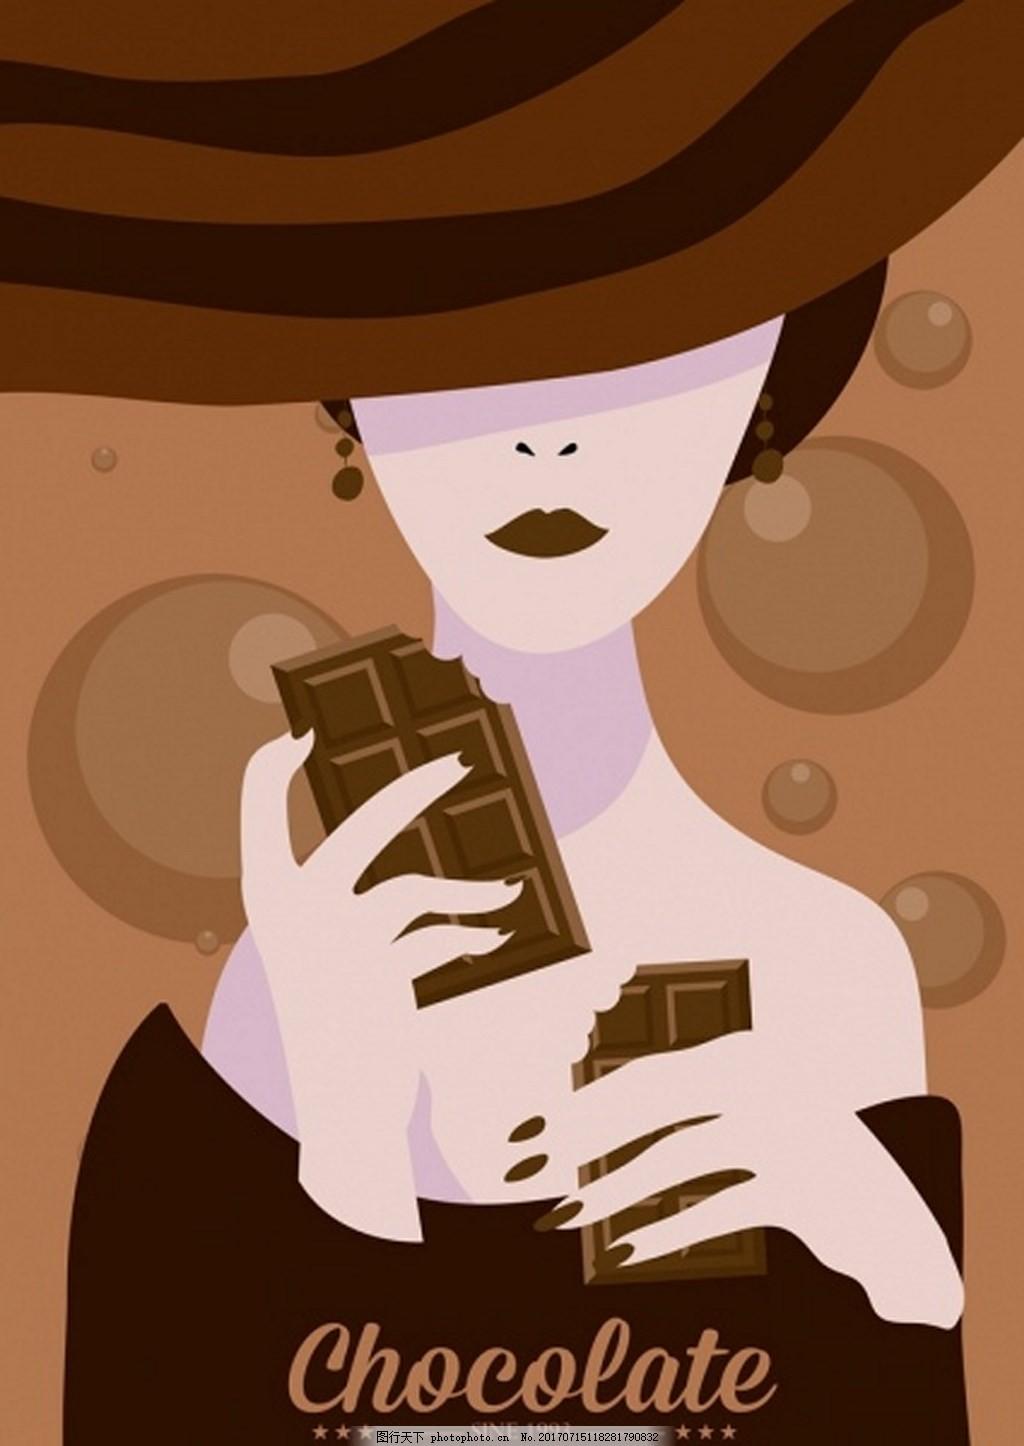 美女巧克力背景素材 女人 糖 帽子 爱吃巧克力的美女 矢量背景